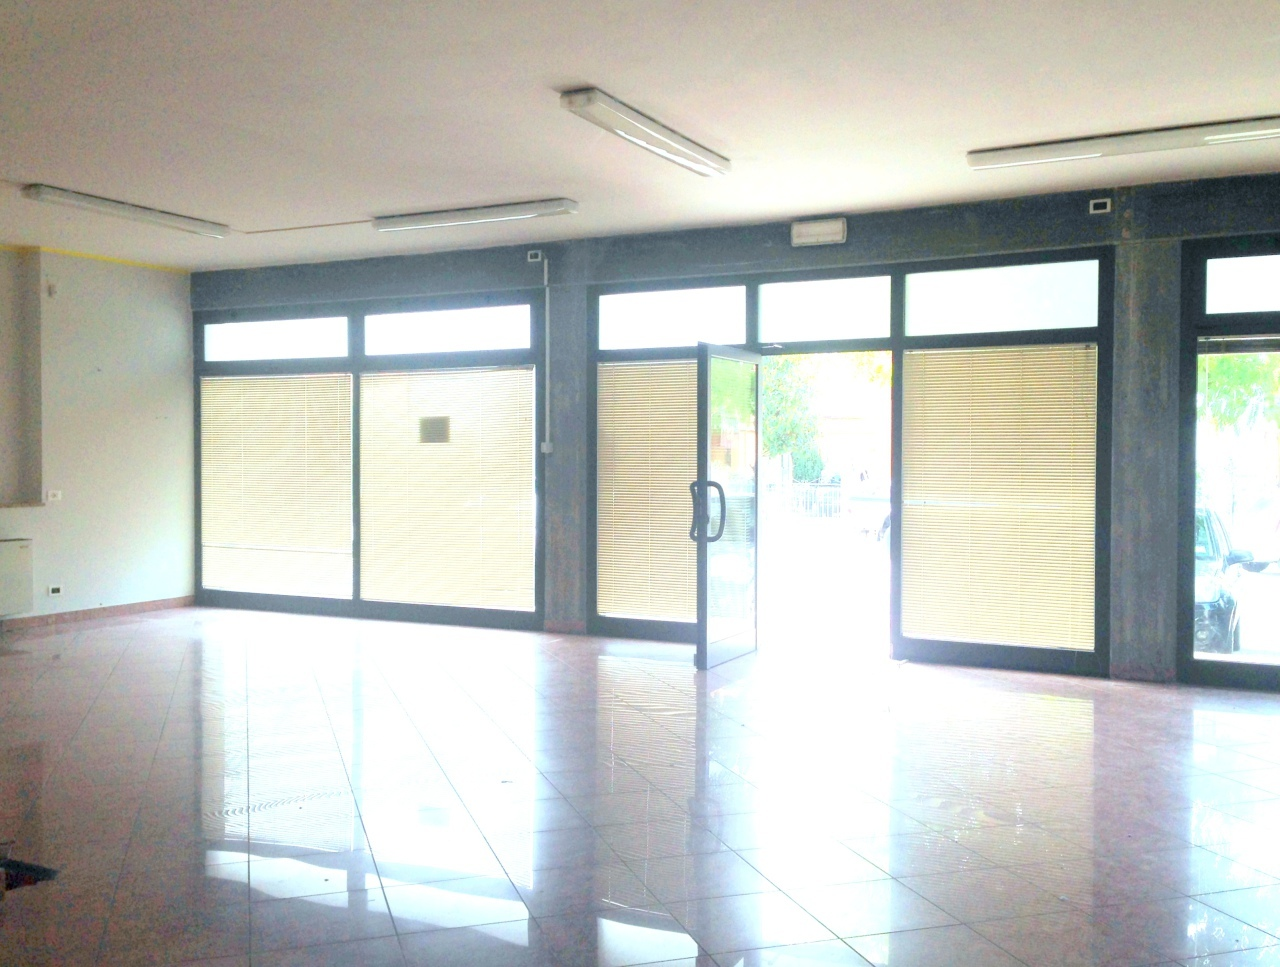 Locale commerciale - 3 Vetrine a Centro, Gambettola Rif. 4166991